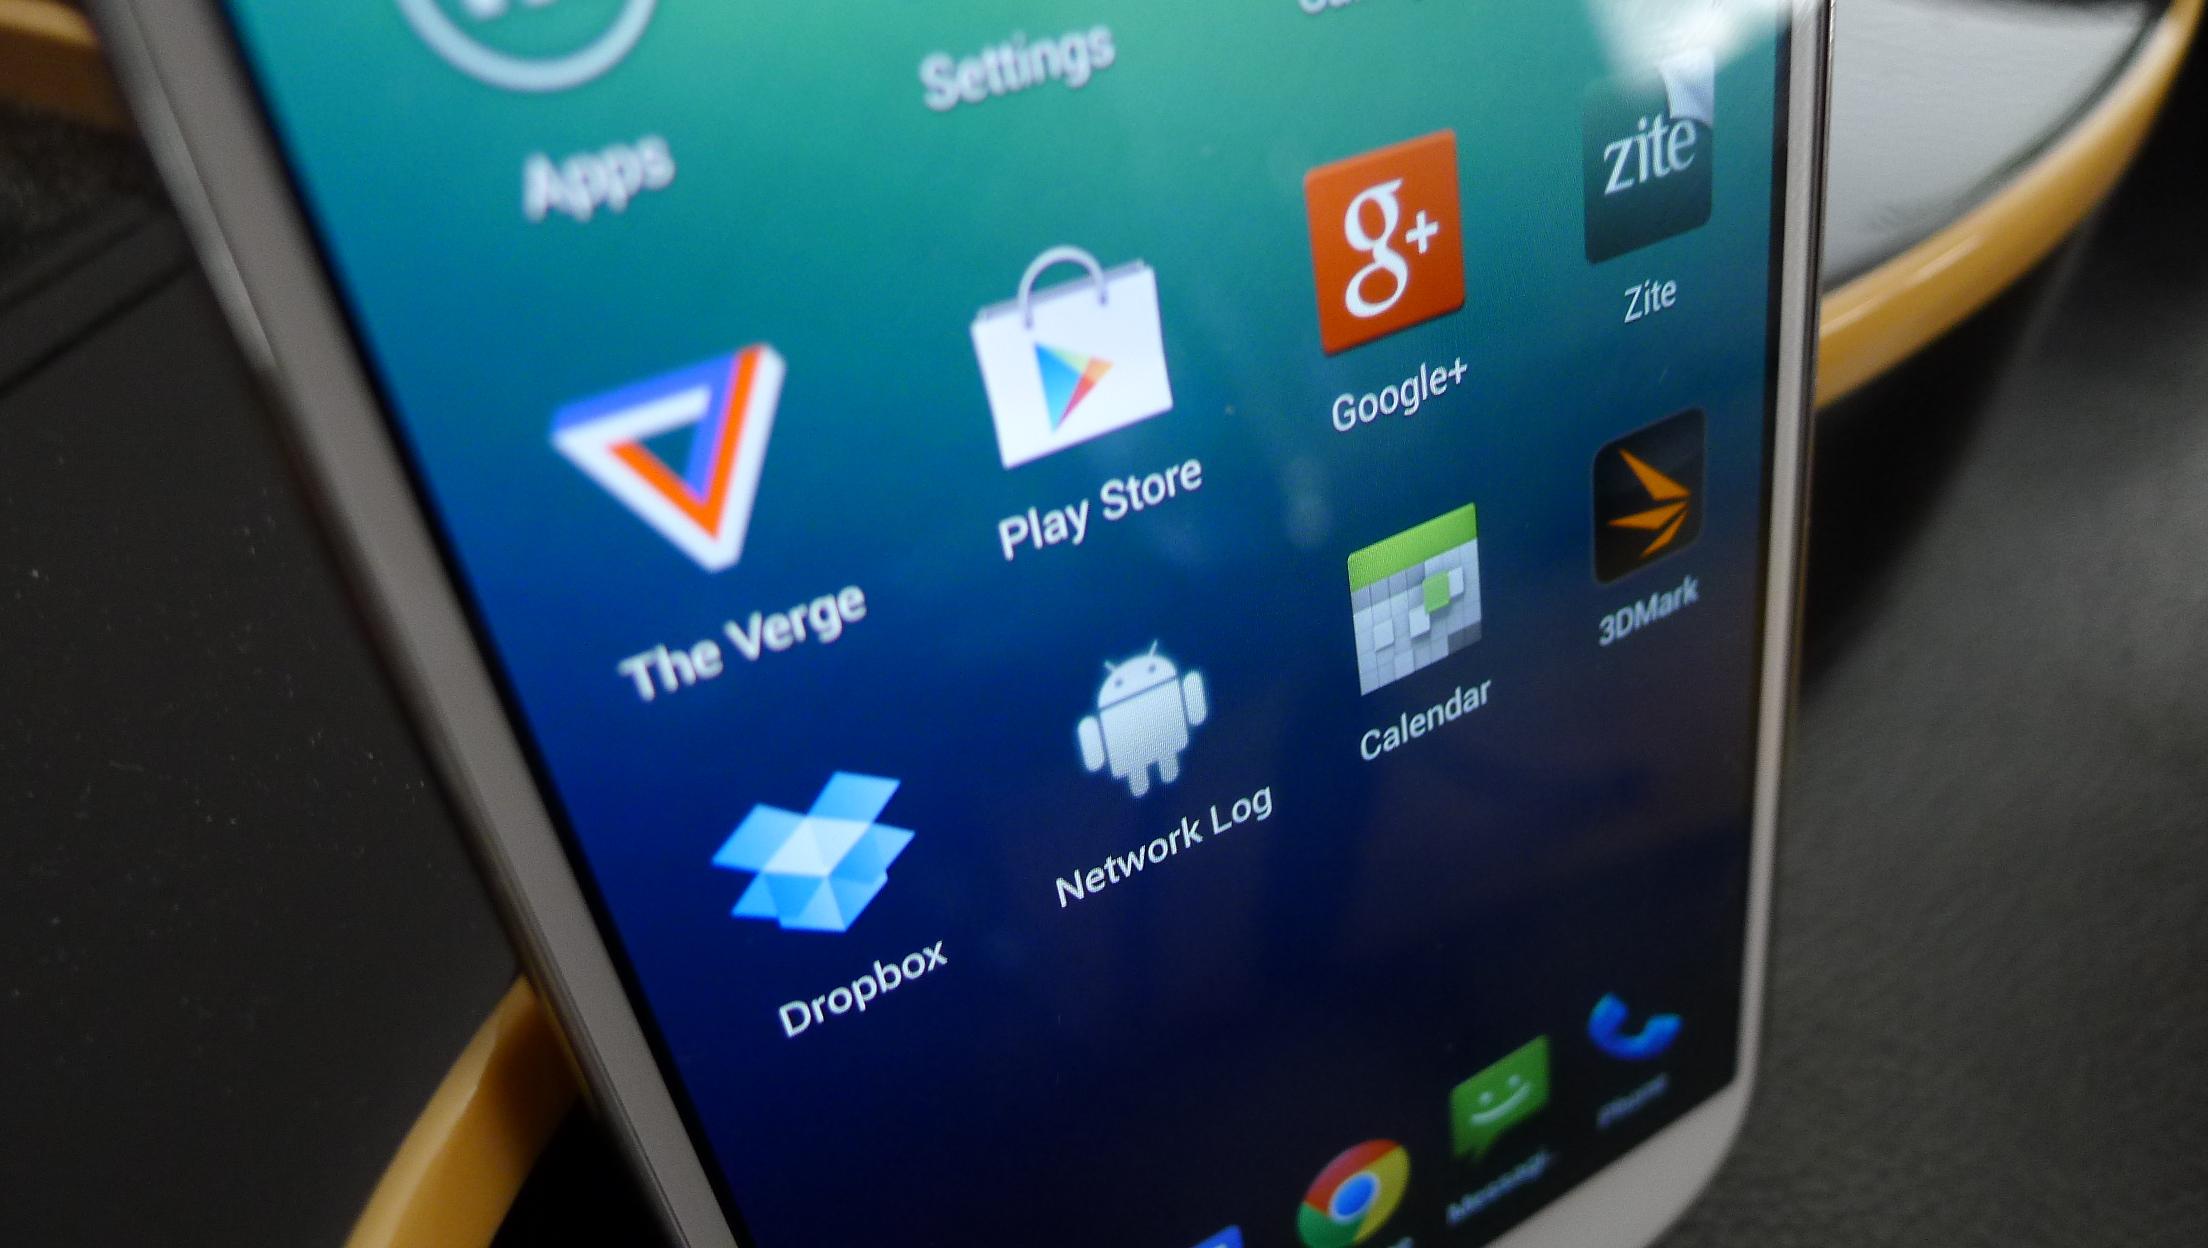 Nå er det klart at Cyanogen jobber med en versjon basert på Android 6.